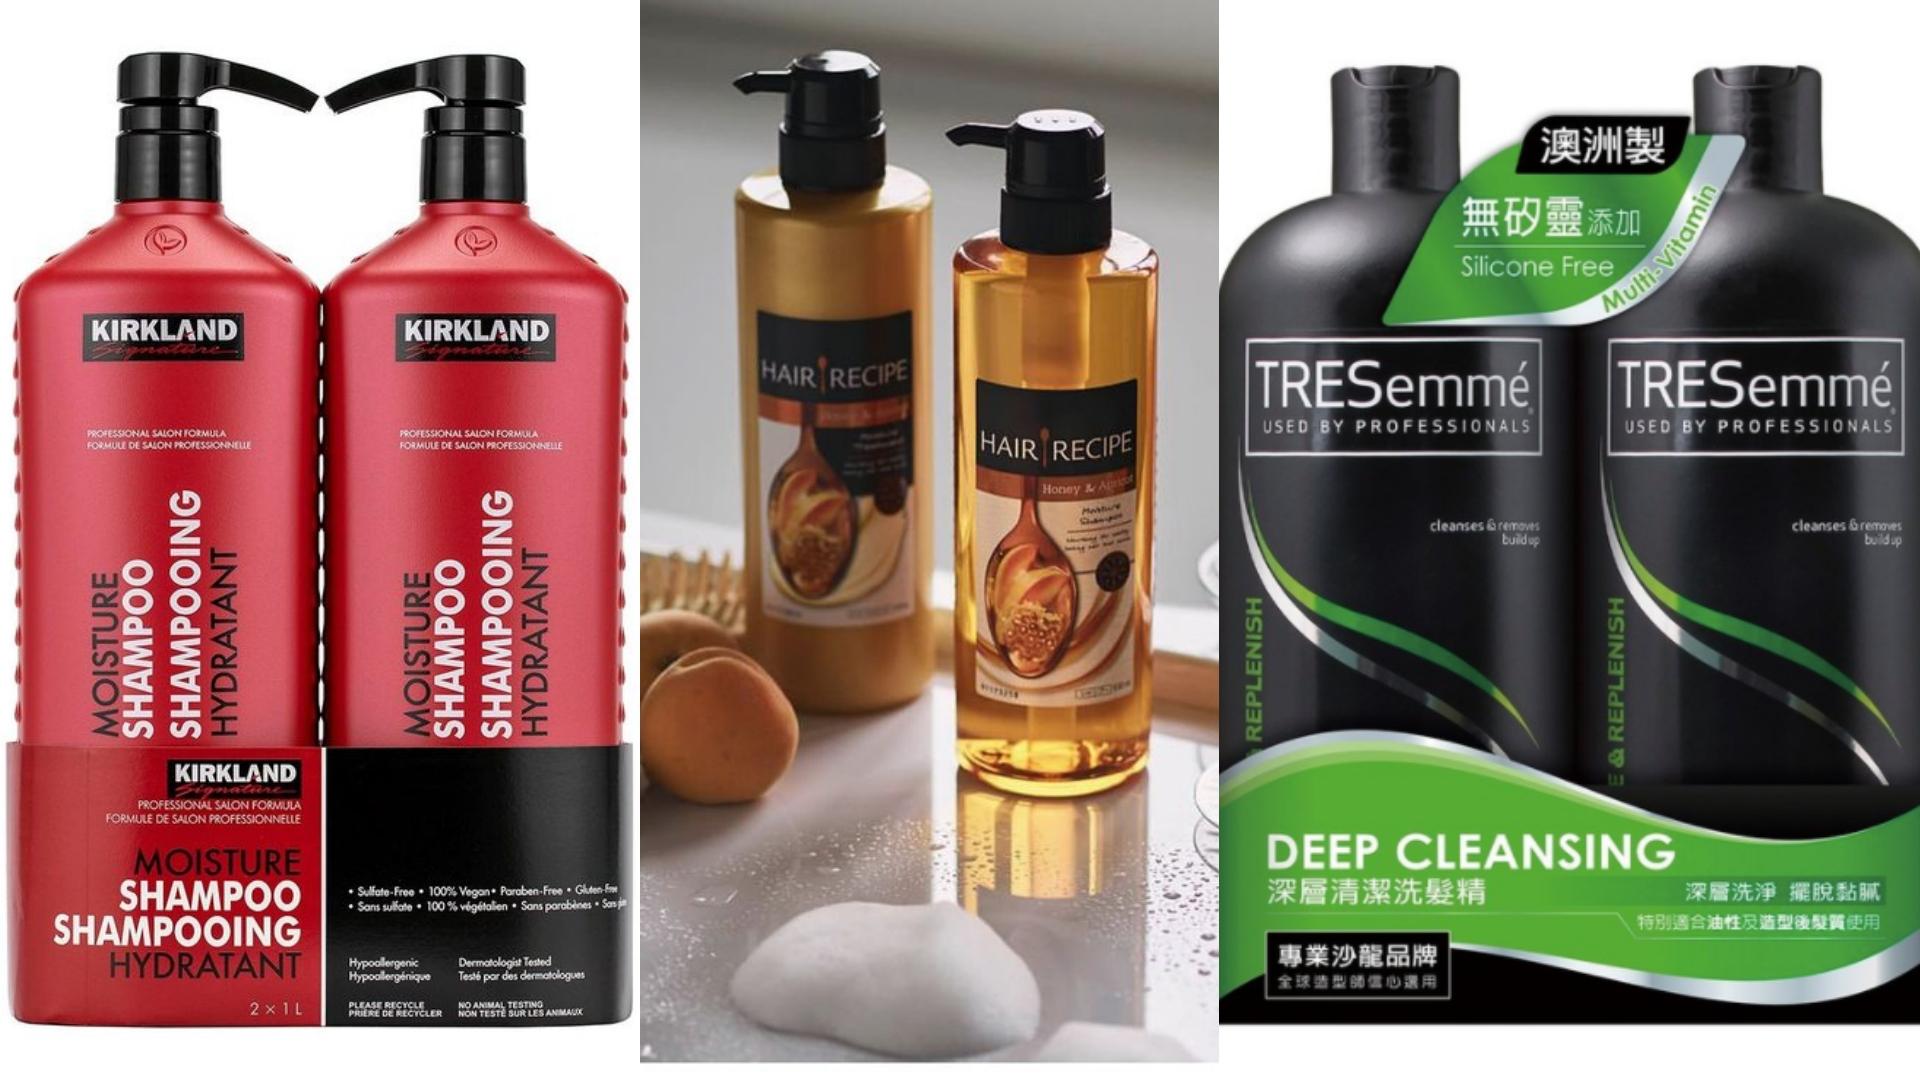 好市多的許多款洗髮精,都受到網友熱推,看到別忘了拿兩罐結帳!